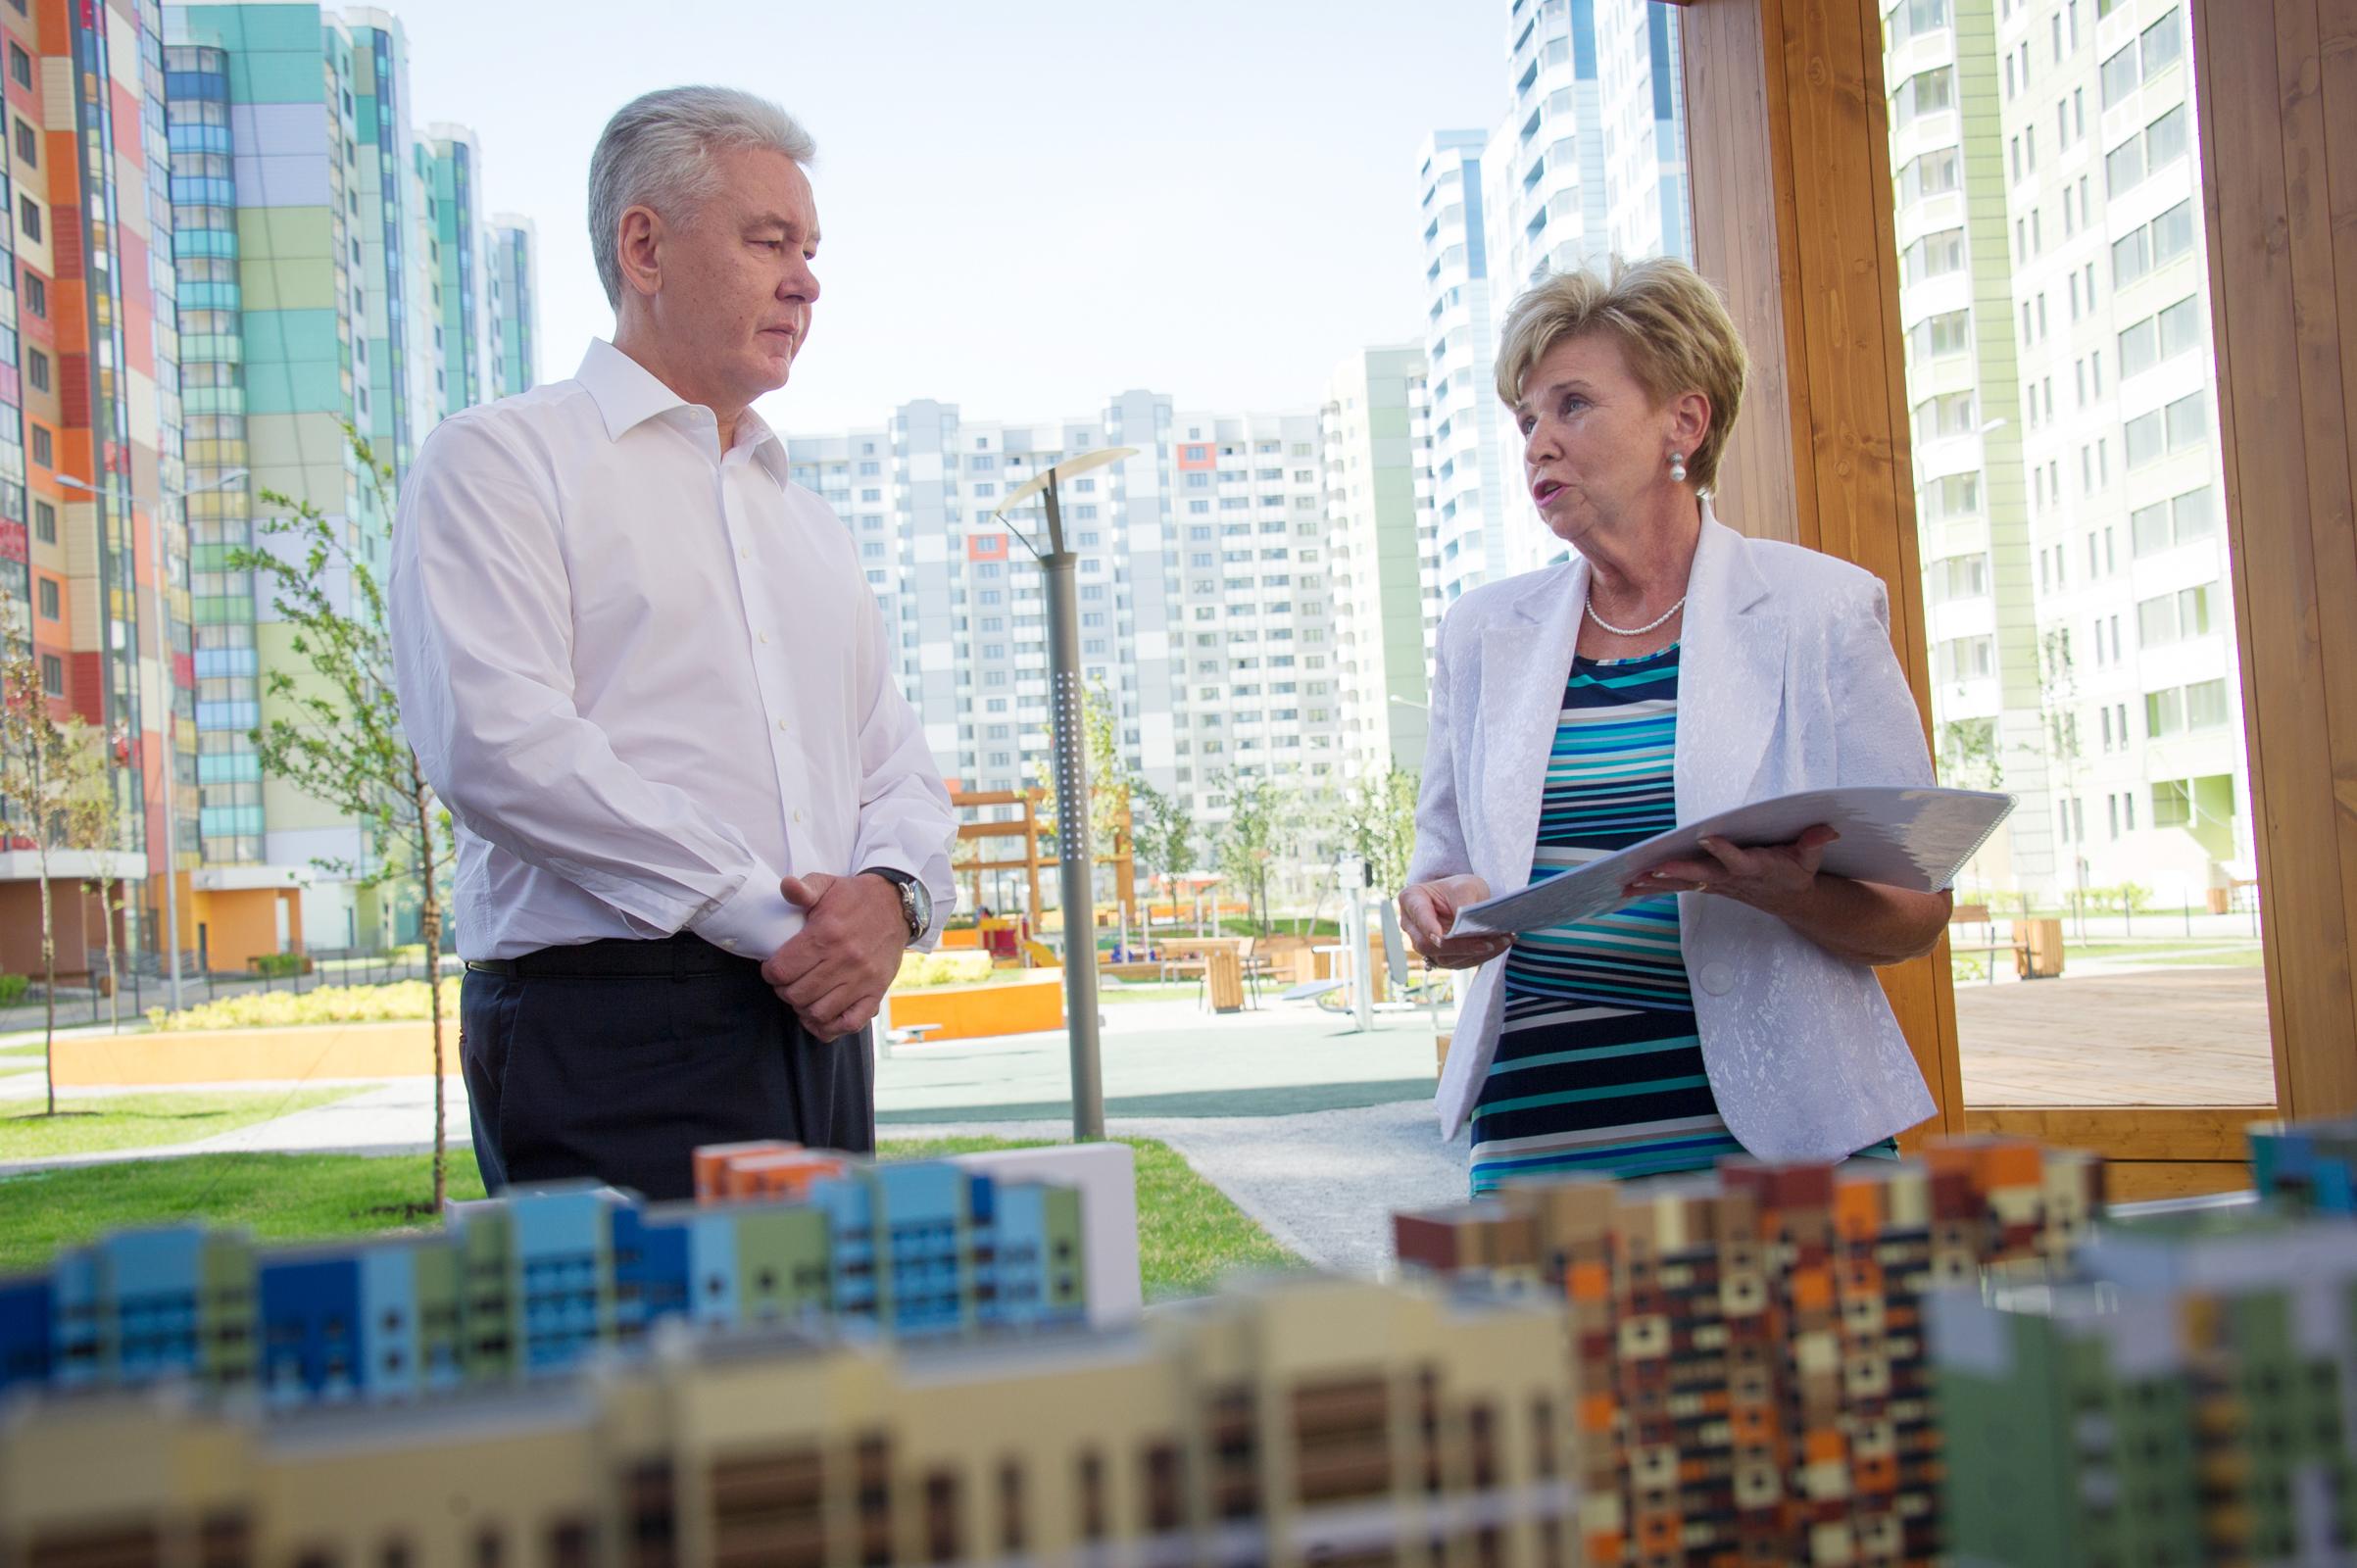 Сергей Собянин во время осмотра квартала комплексной жилой застройки в районе Западное Дегунино